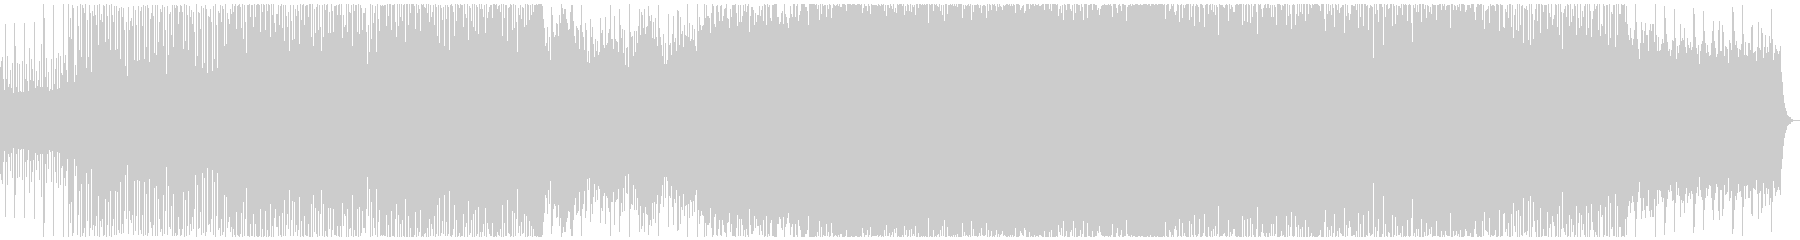 壮大でドラマティックなドラムンベースの未再生の波形